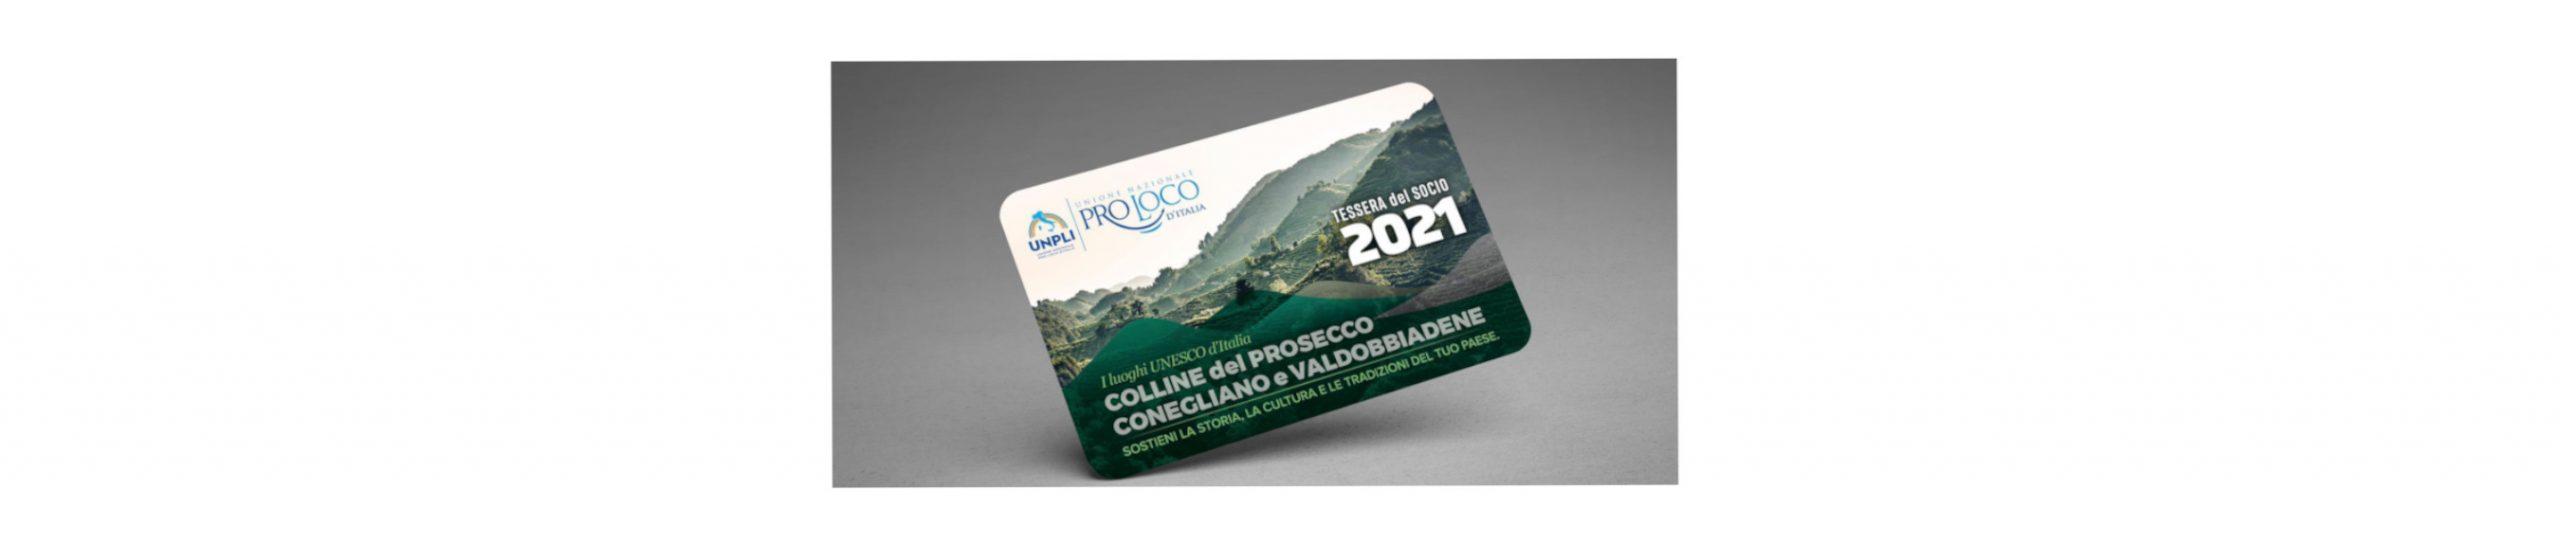 La Tessera del Socio Parla di Noi. Partito anche in Piemonte il tesseramento Pro Loco 2021. All'insegna del patrimonio materiale ed immateriale